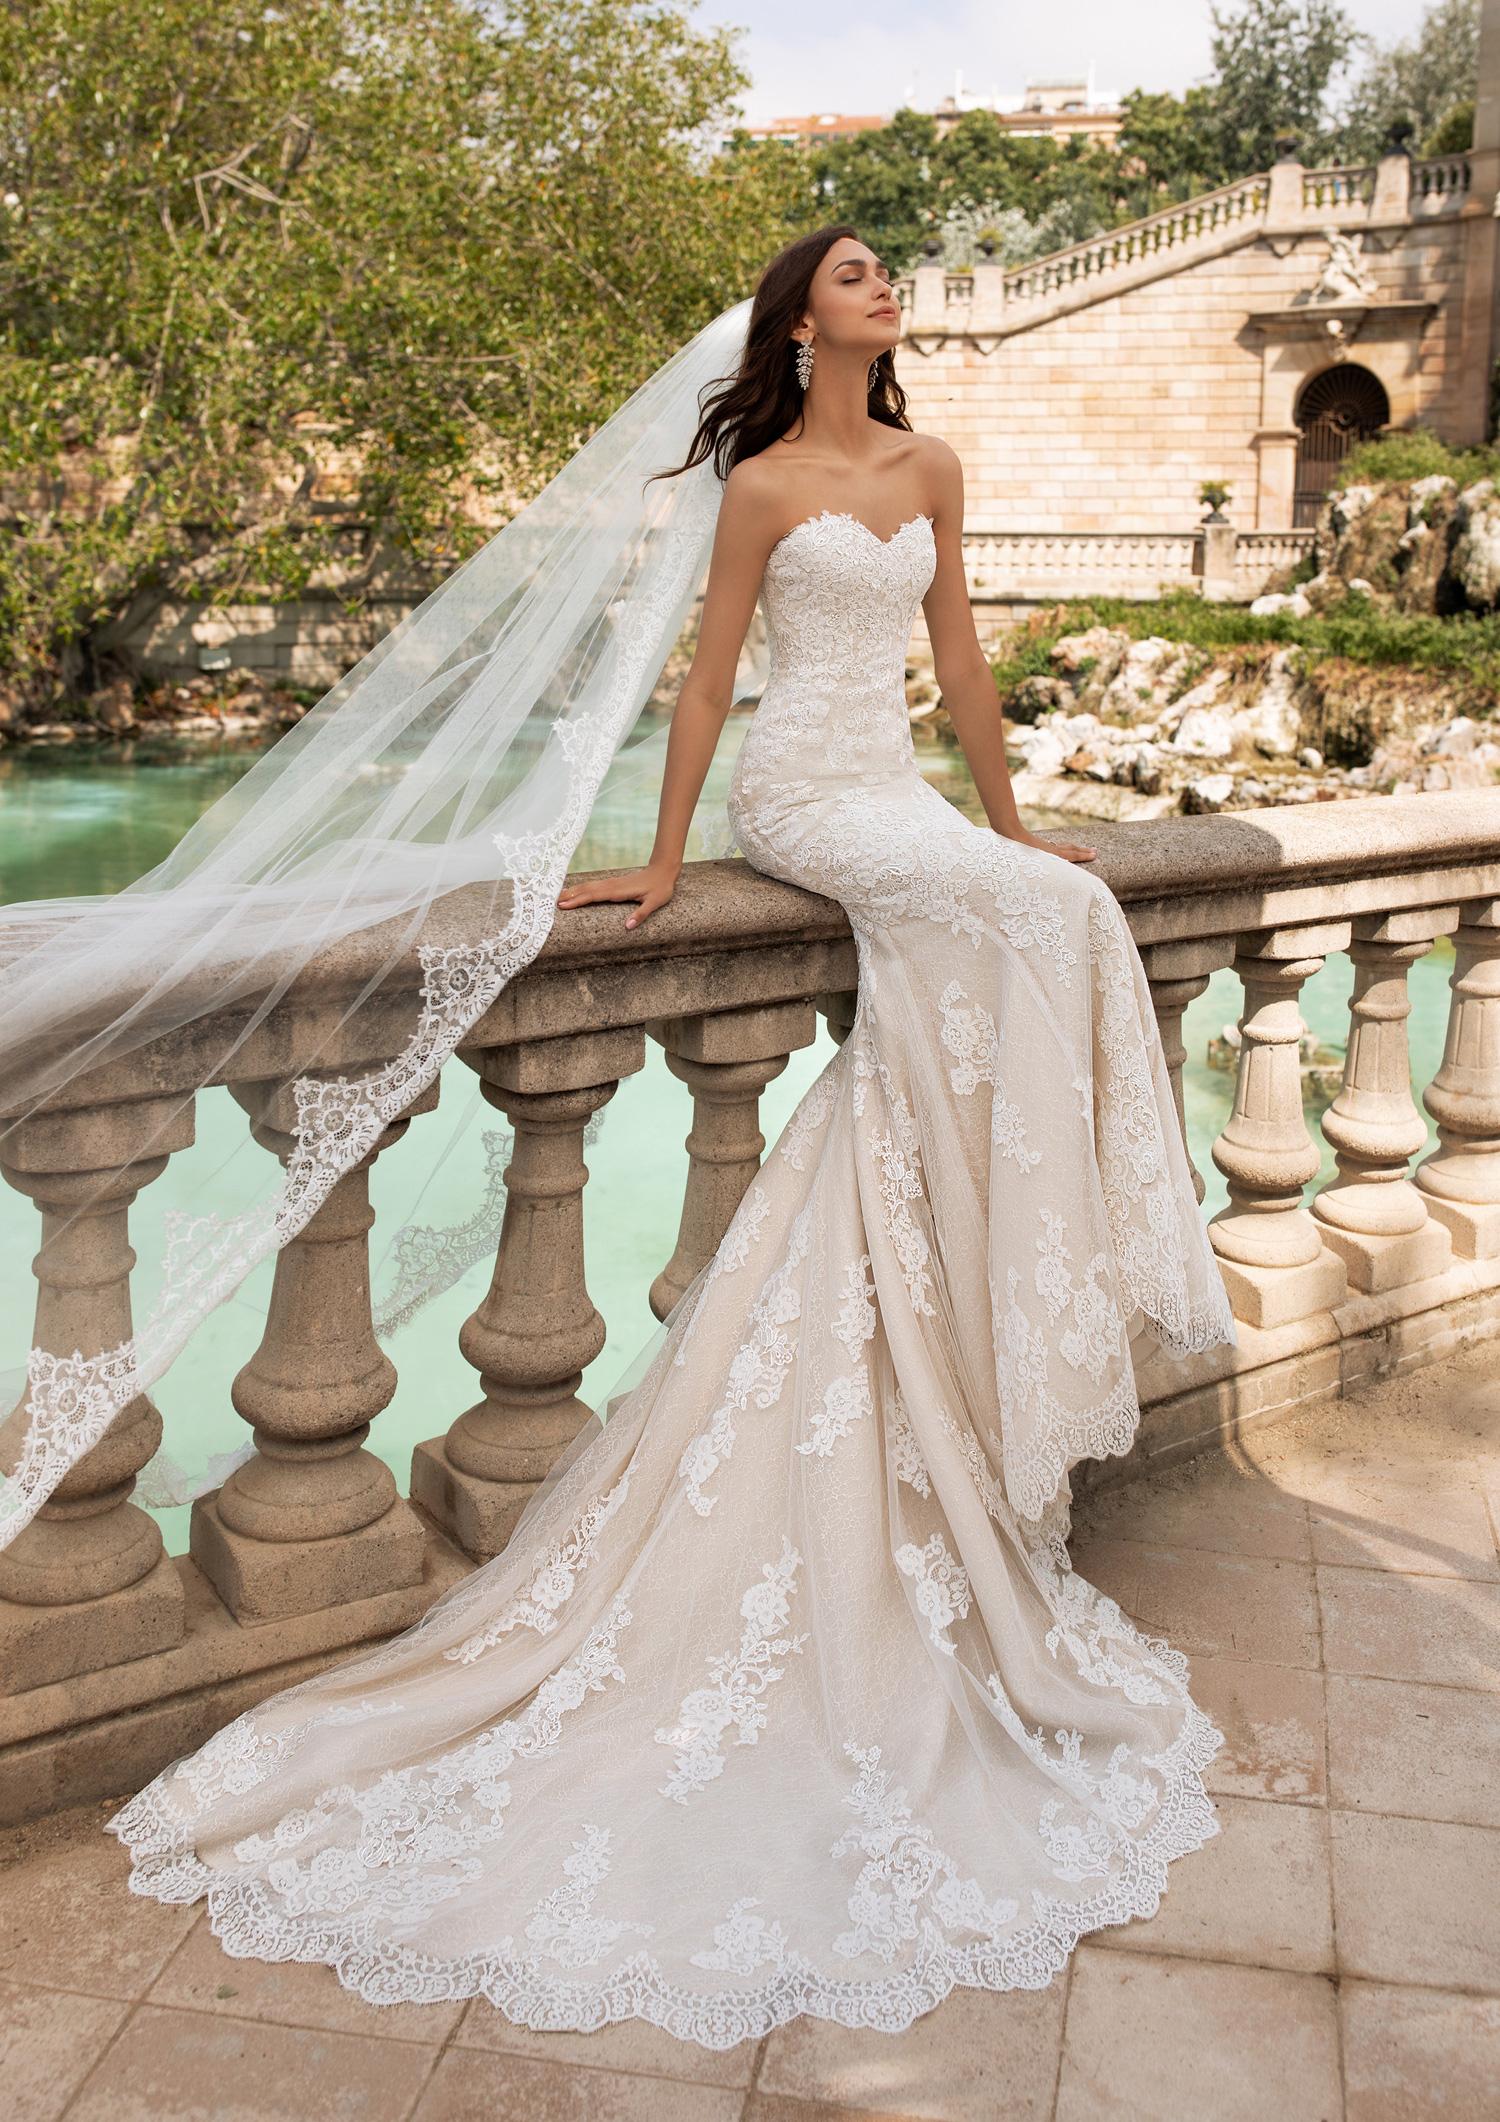 Vestiti Da Sposa Vicenza.Abito Da Sposa Pronovias 2020 Princia Mariages It Abiti